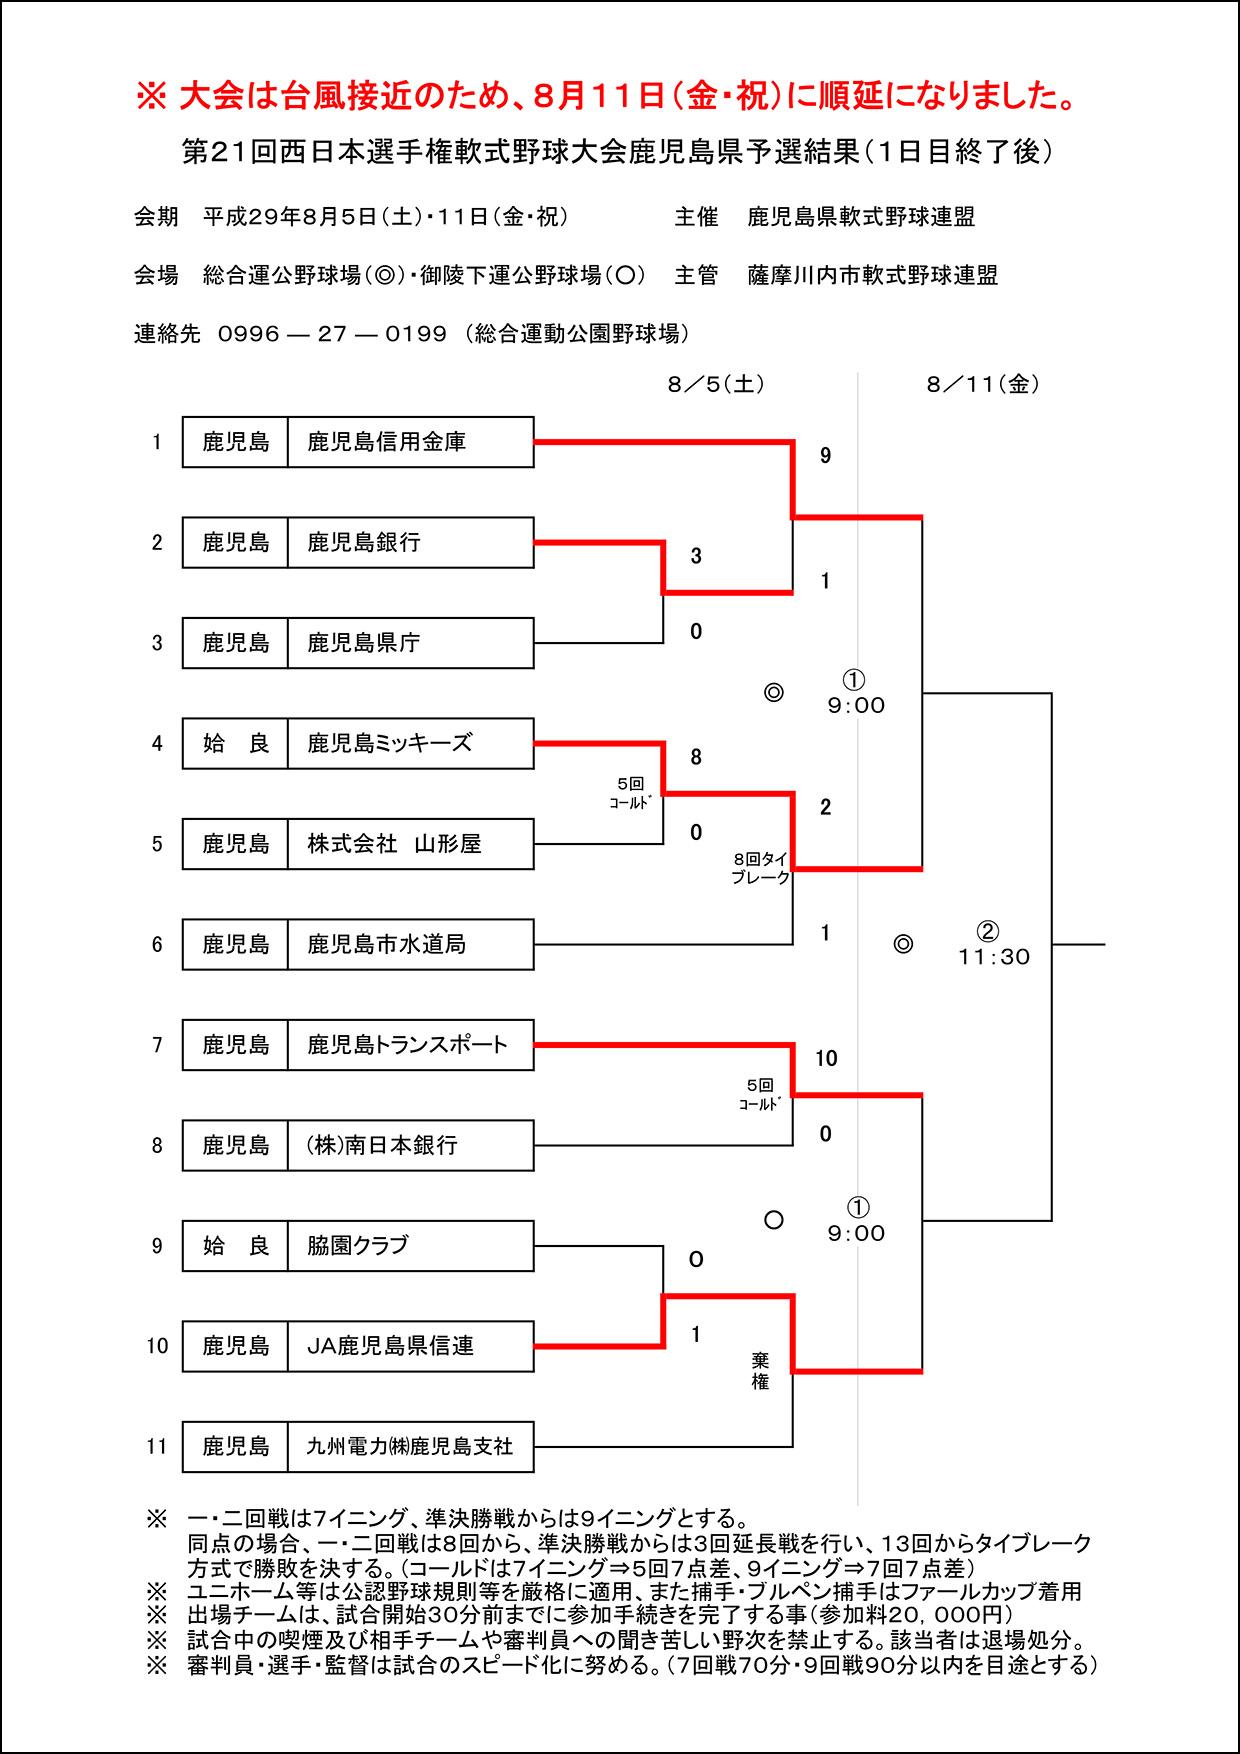 【1日目終了】第21回西日本選手権軟式野球大会鹿児島県予選結果